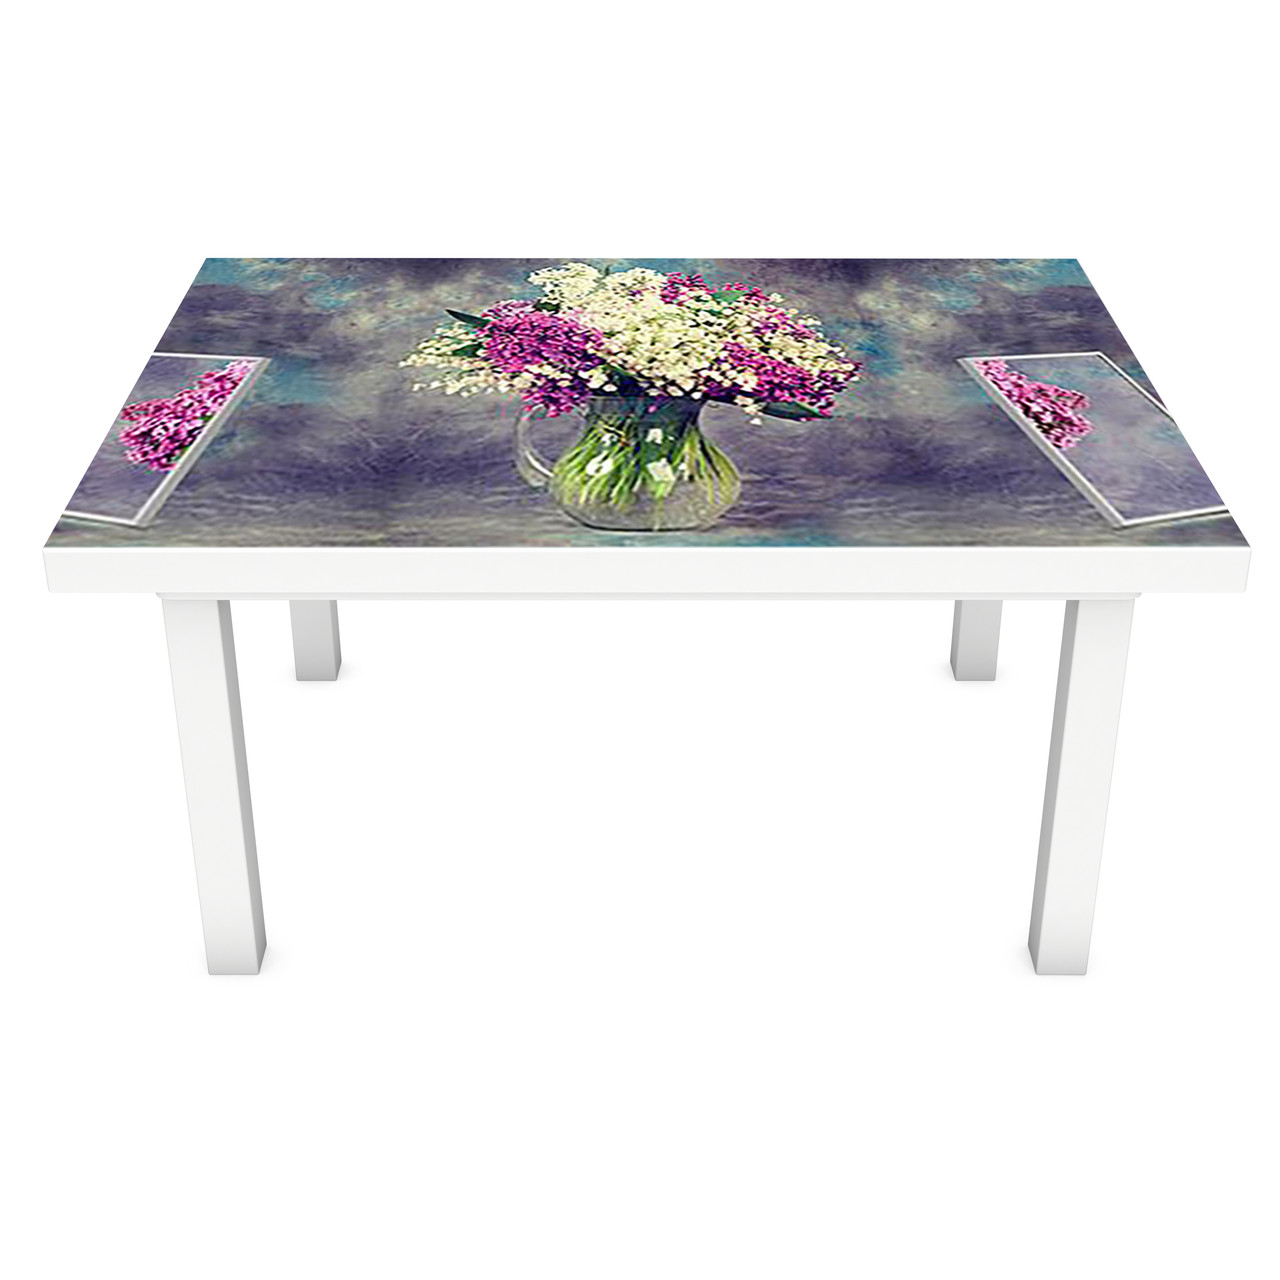 Наклейка на стол Пышная Сирень ПВХ интерьерная пленка для мебели акварель цветы Фиолетовый 600*1200 мм